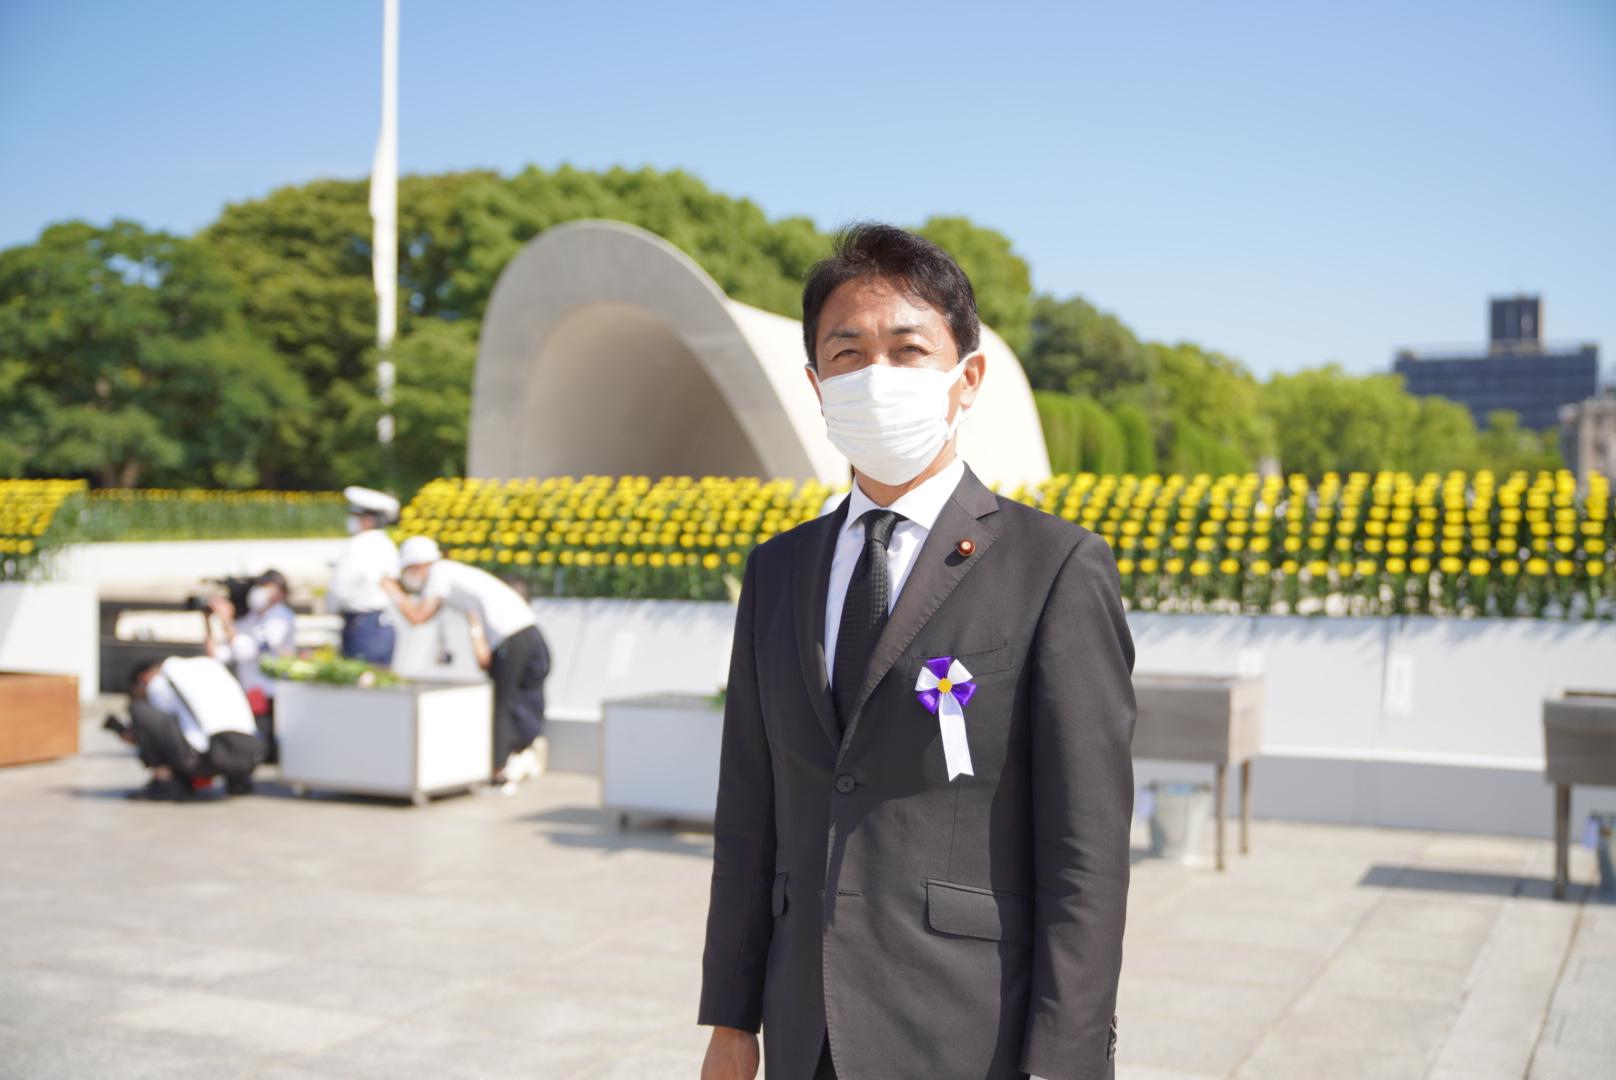 【広島】玉木代表が広島市原爆死没者慰霊式並びに平和祈念式に参列